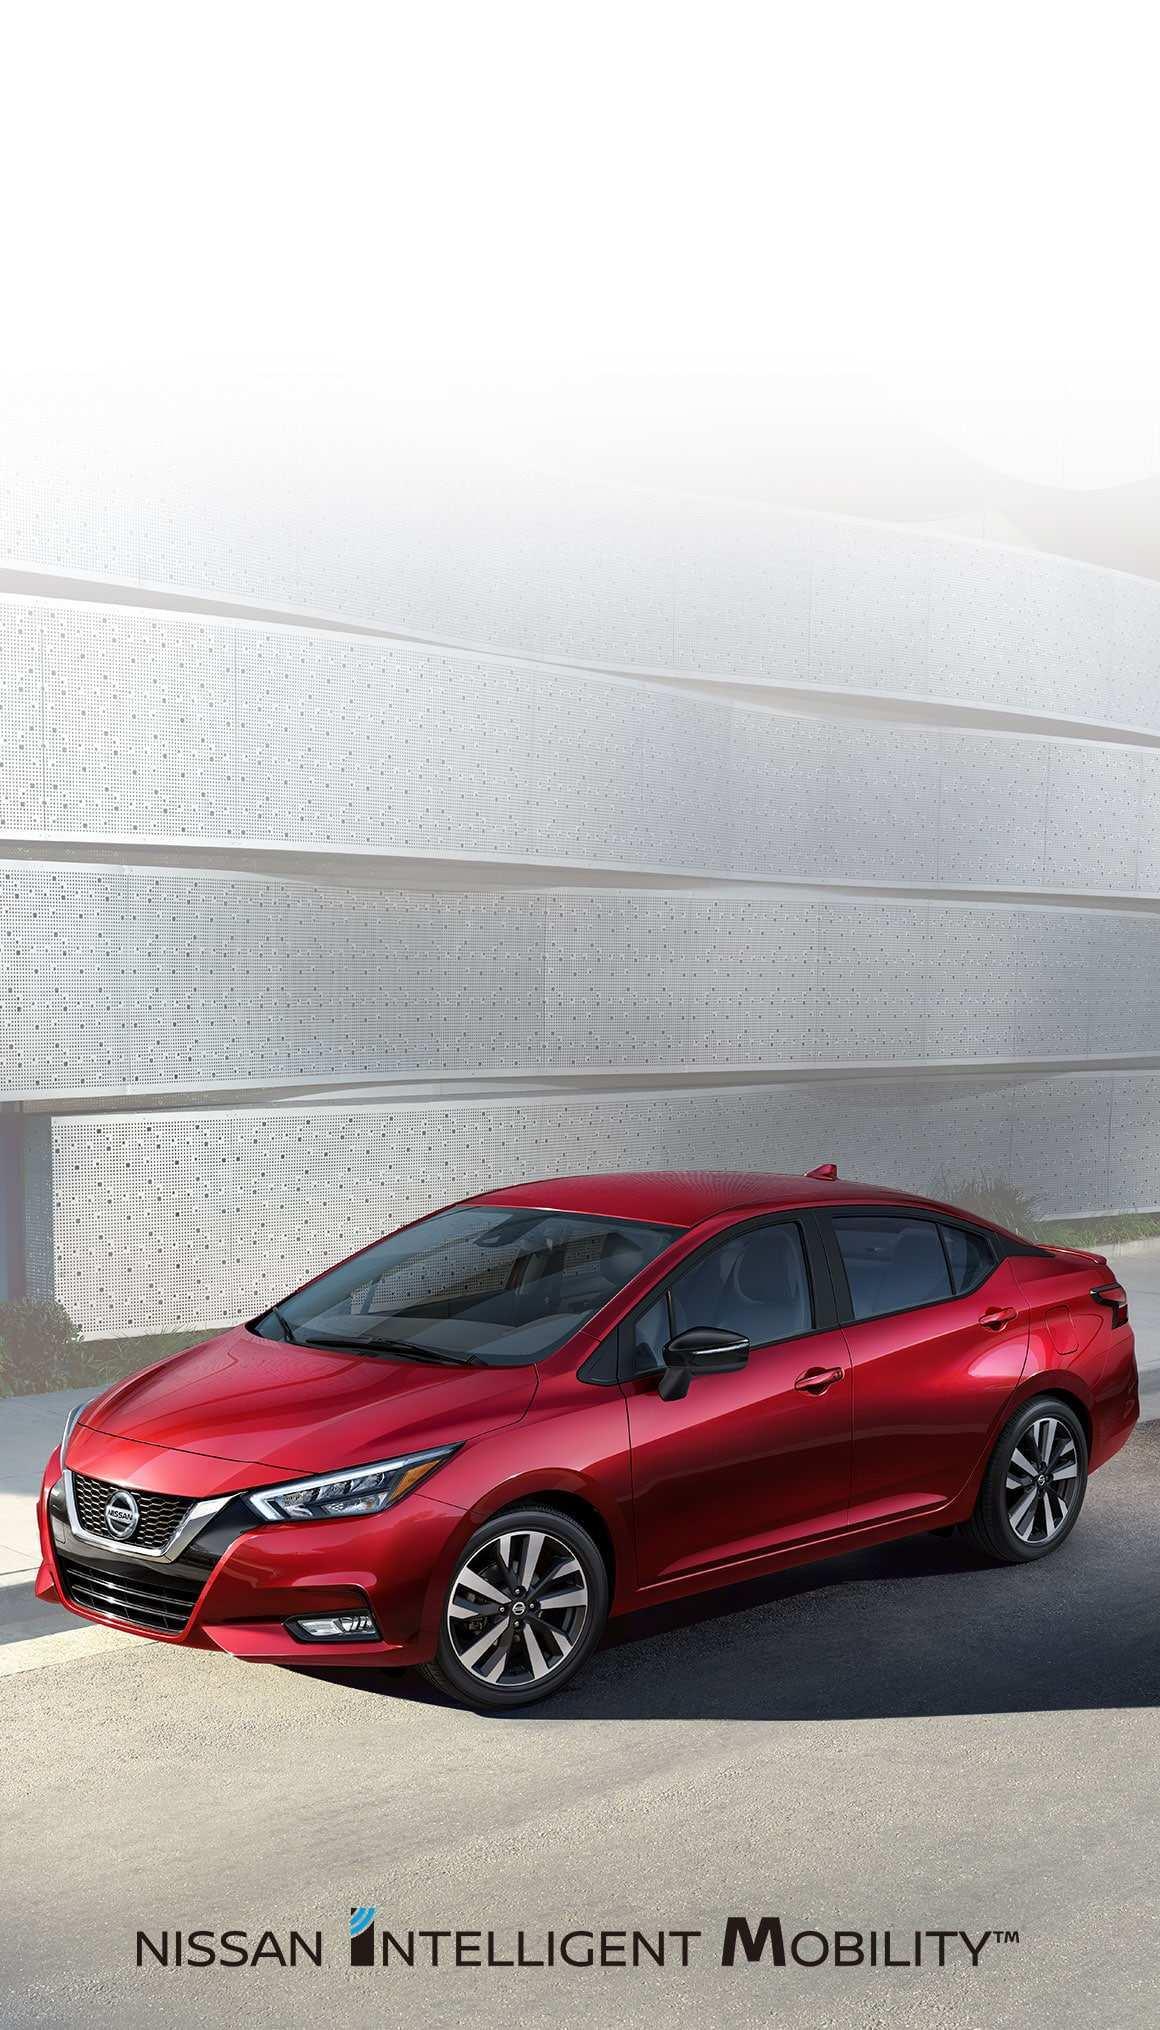 96 New Nissan Usa 2020 Model for Nissan Usa 2020